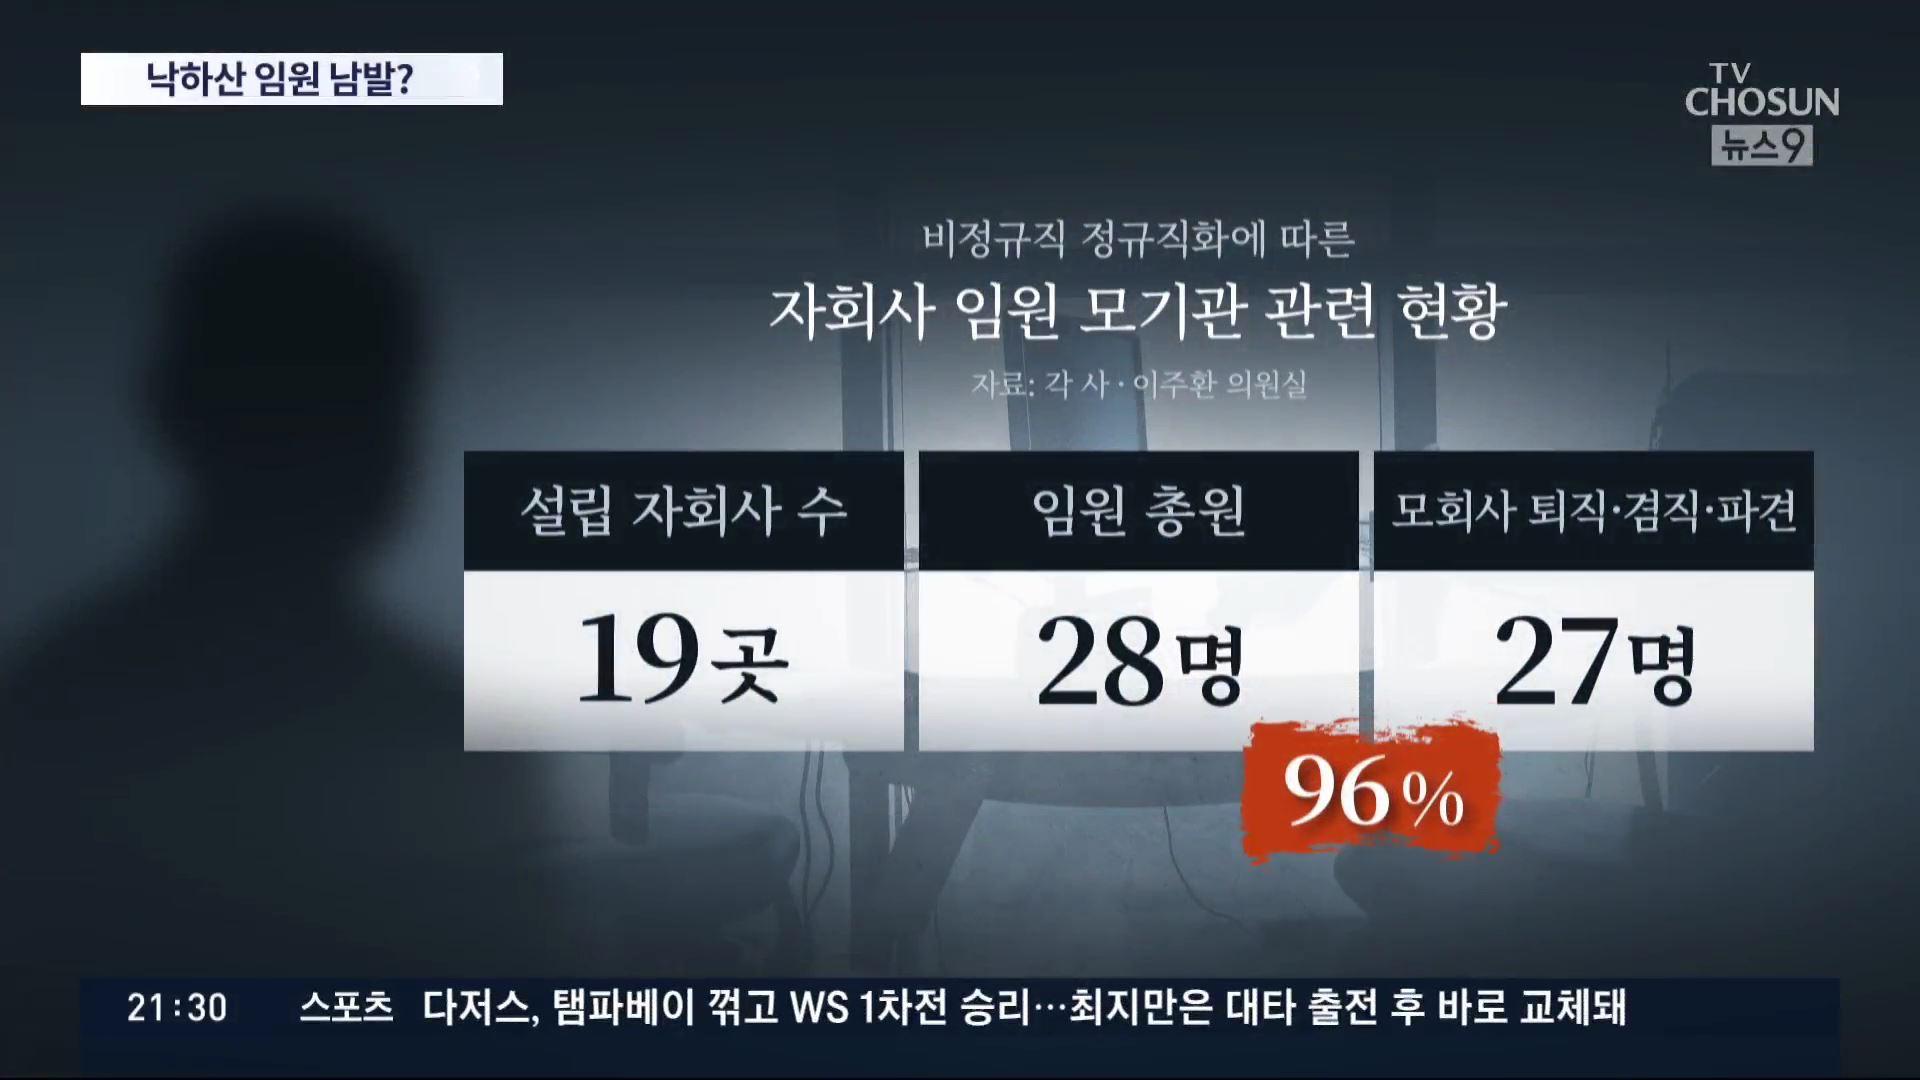 [단독] 공기업 정규직 늘리려 만든 자회사, 임원 96%가 '모회사 낙하산'